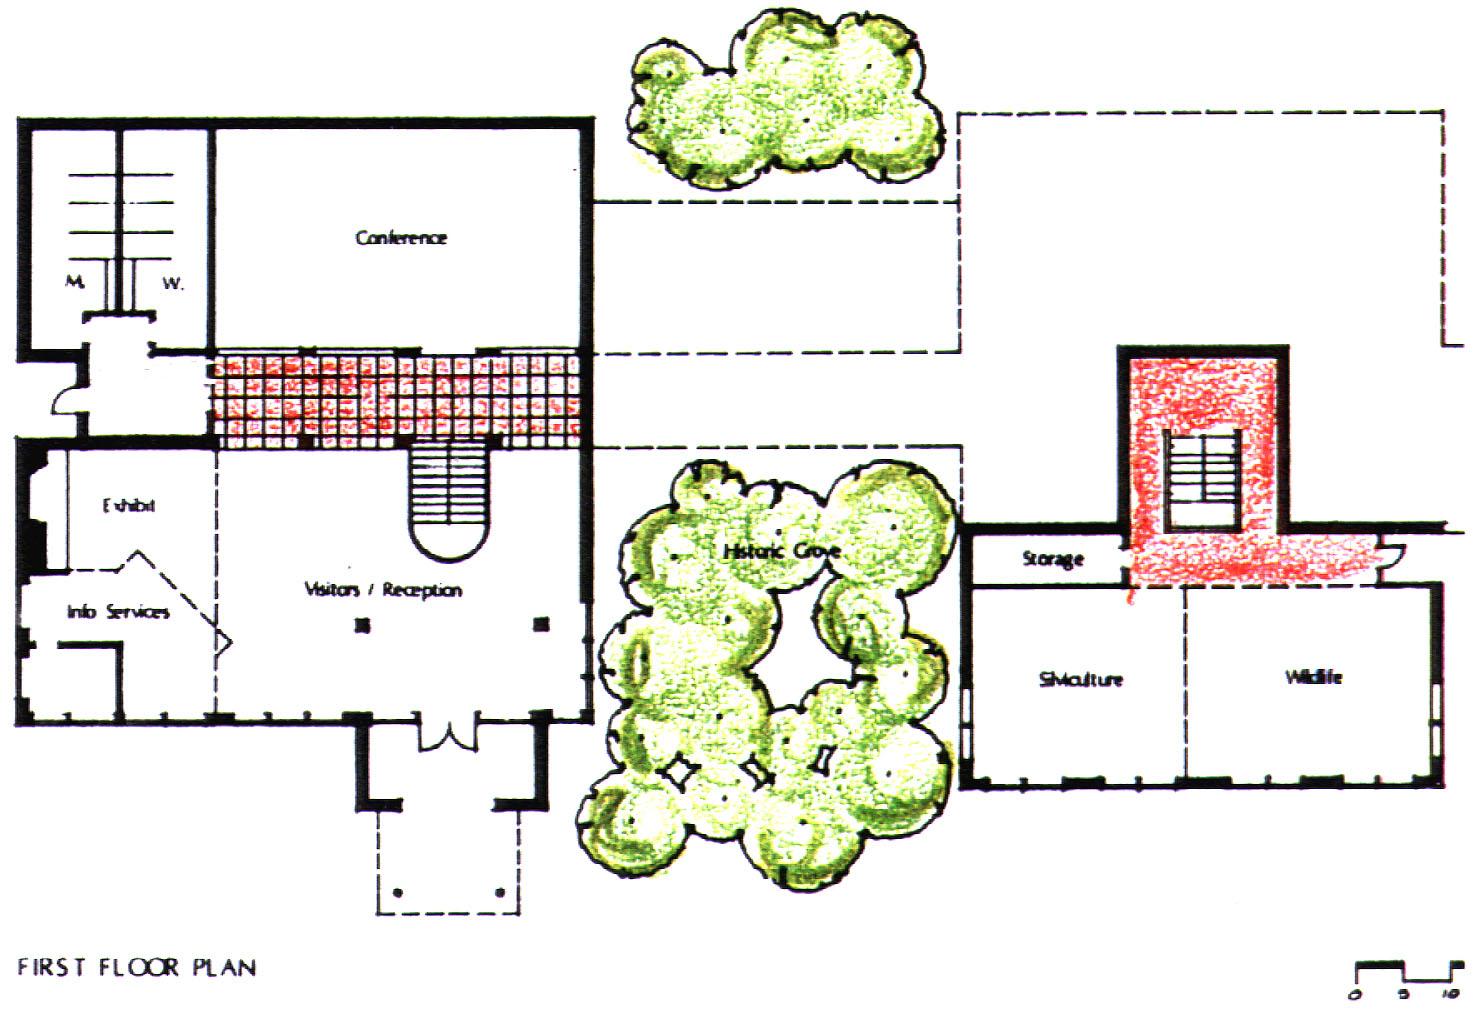 USFS Wenatchee 1st Floor Plan.jpg